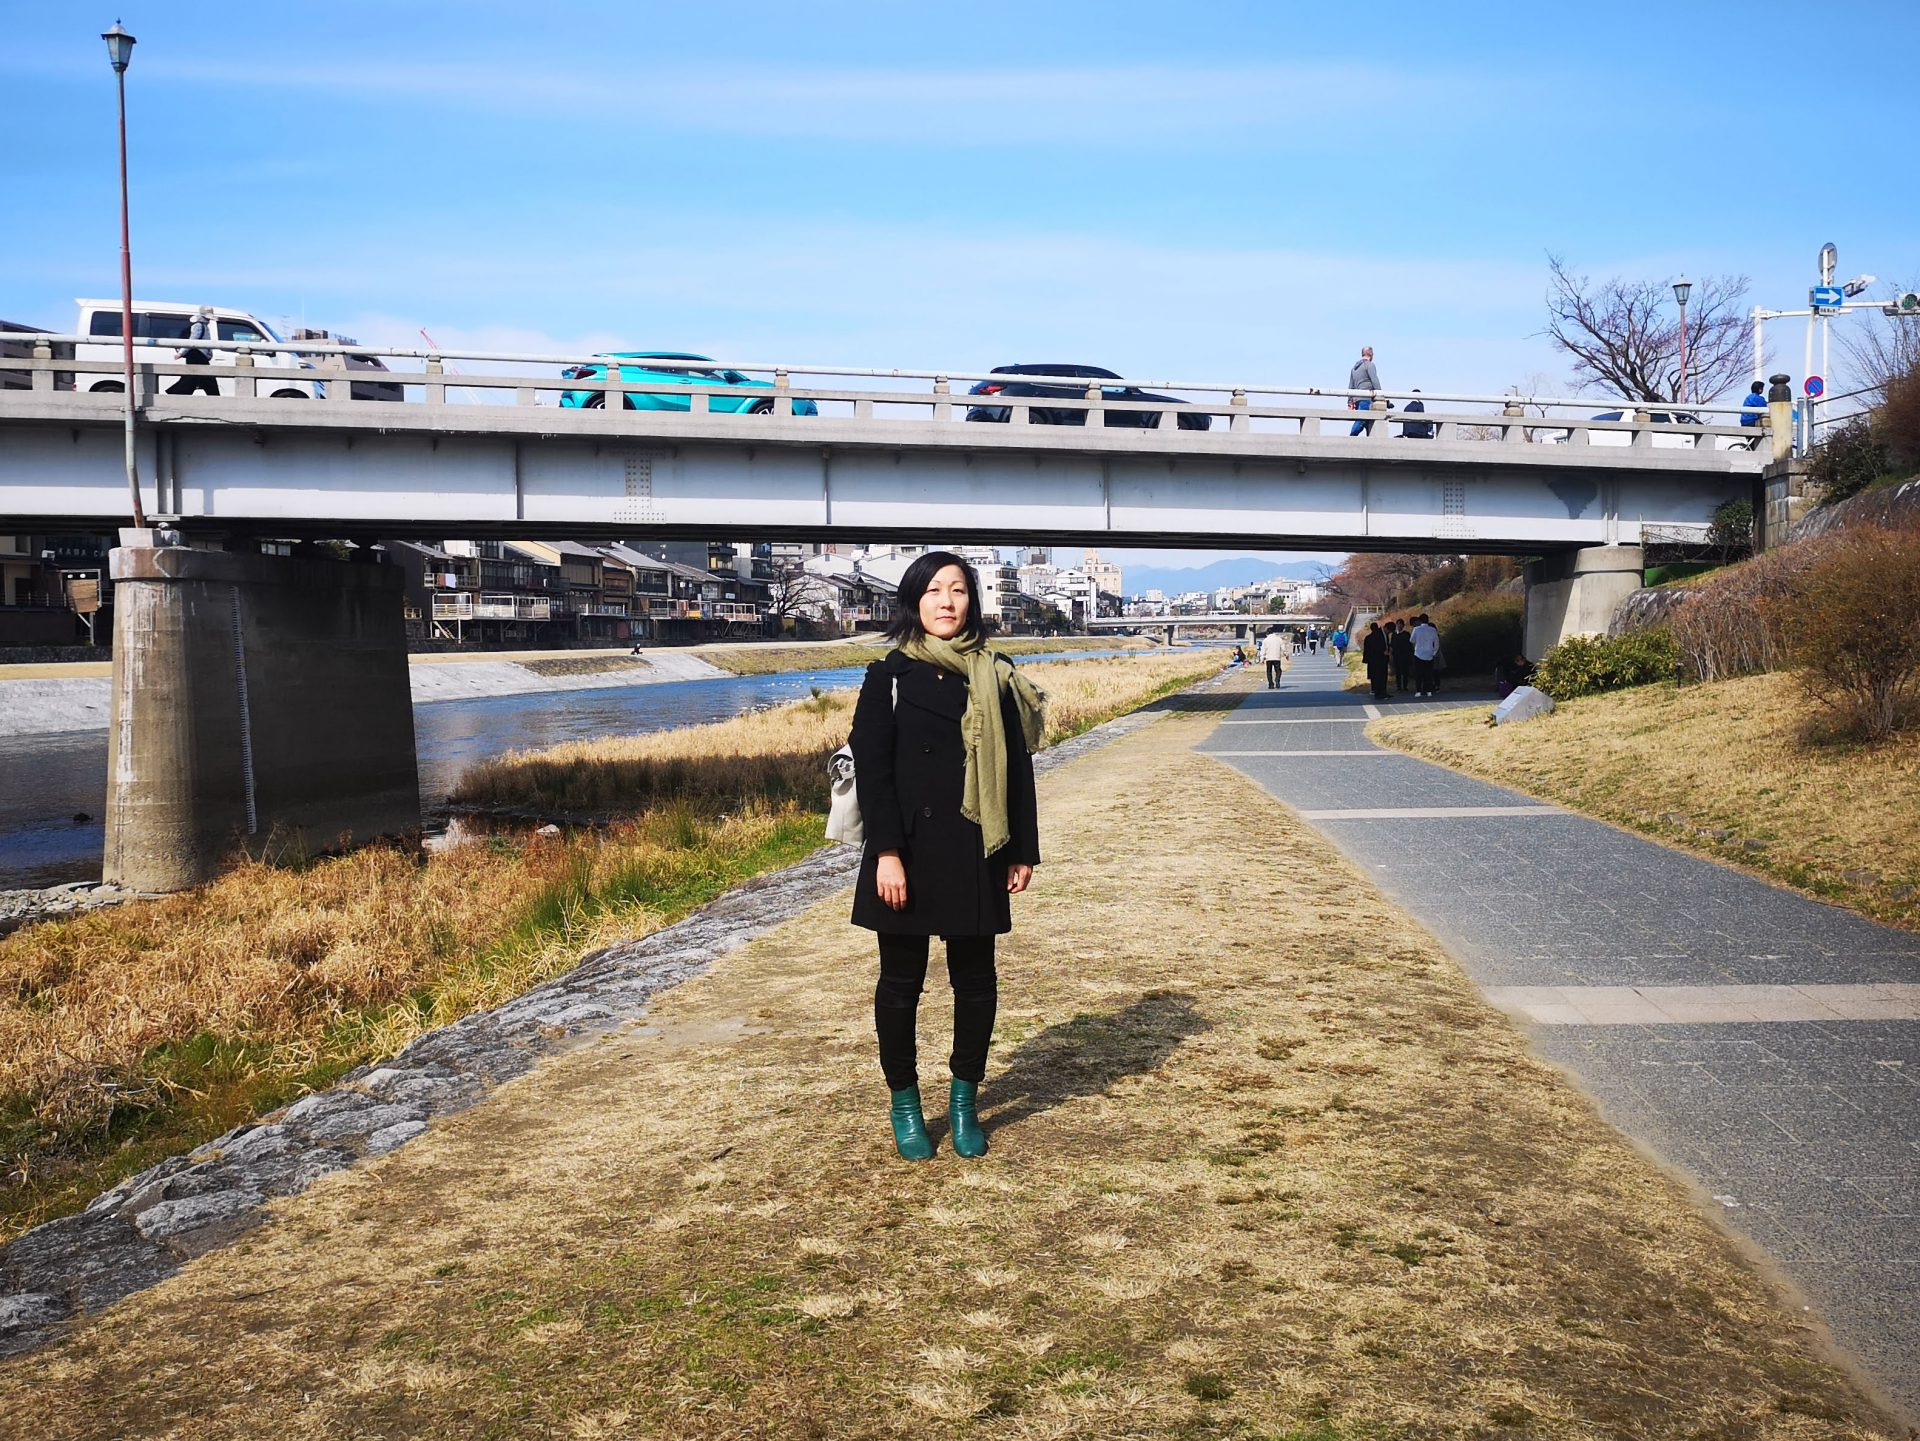 """小室舞さんは京都から東京へ、そしてスイス、香港と拠点を変えつつ30代前半で海外に事務所を構えるという誰とも重ならないキャリアを、力強く、迷わず切り開いている様に見えます。複数の岐路があった中でどのように進路を決められてきたのかお話を伺いました。お話の中で見えてきたのは""""体育会系""""で培われた現実を見据えた決断力という意外な一面でした。"""